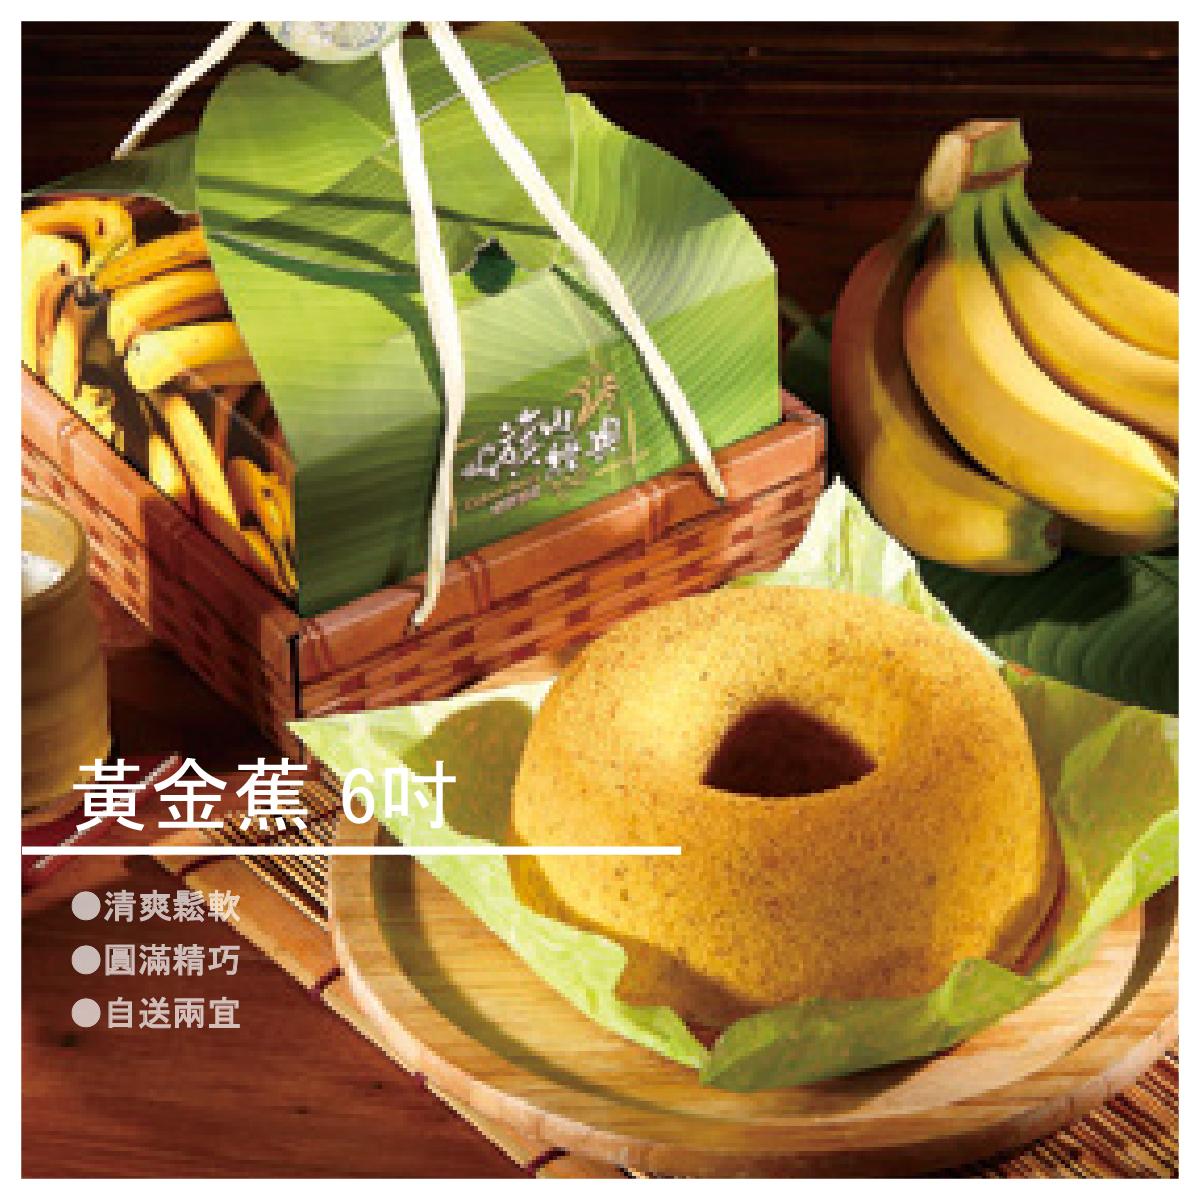 【旗山吉美香蕉蛋糕】黃金蕉 6吋